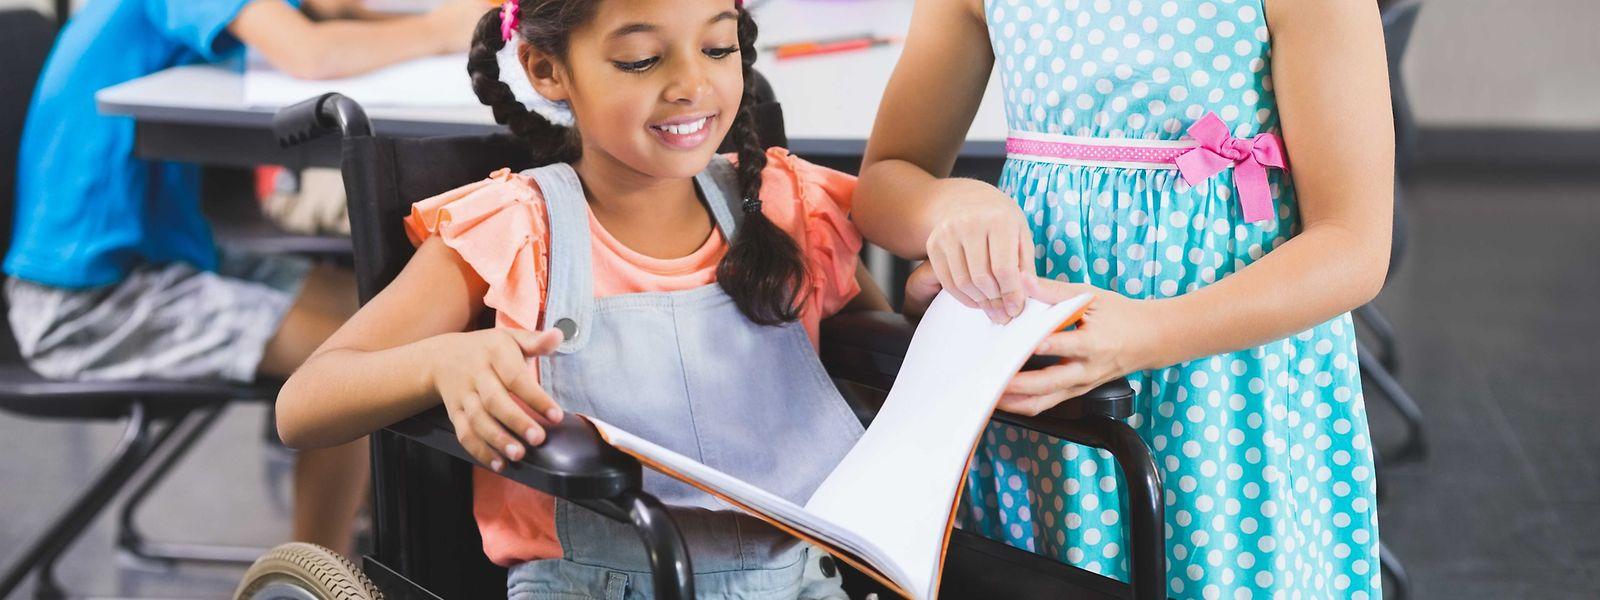 Inklusion in der Schule kann nur in Zusammenarbeit gelingen, so Info-Handicap.